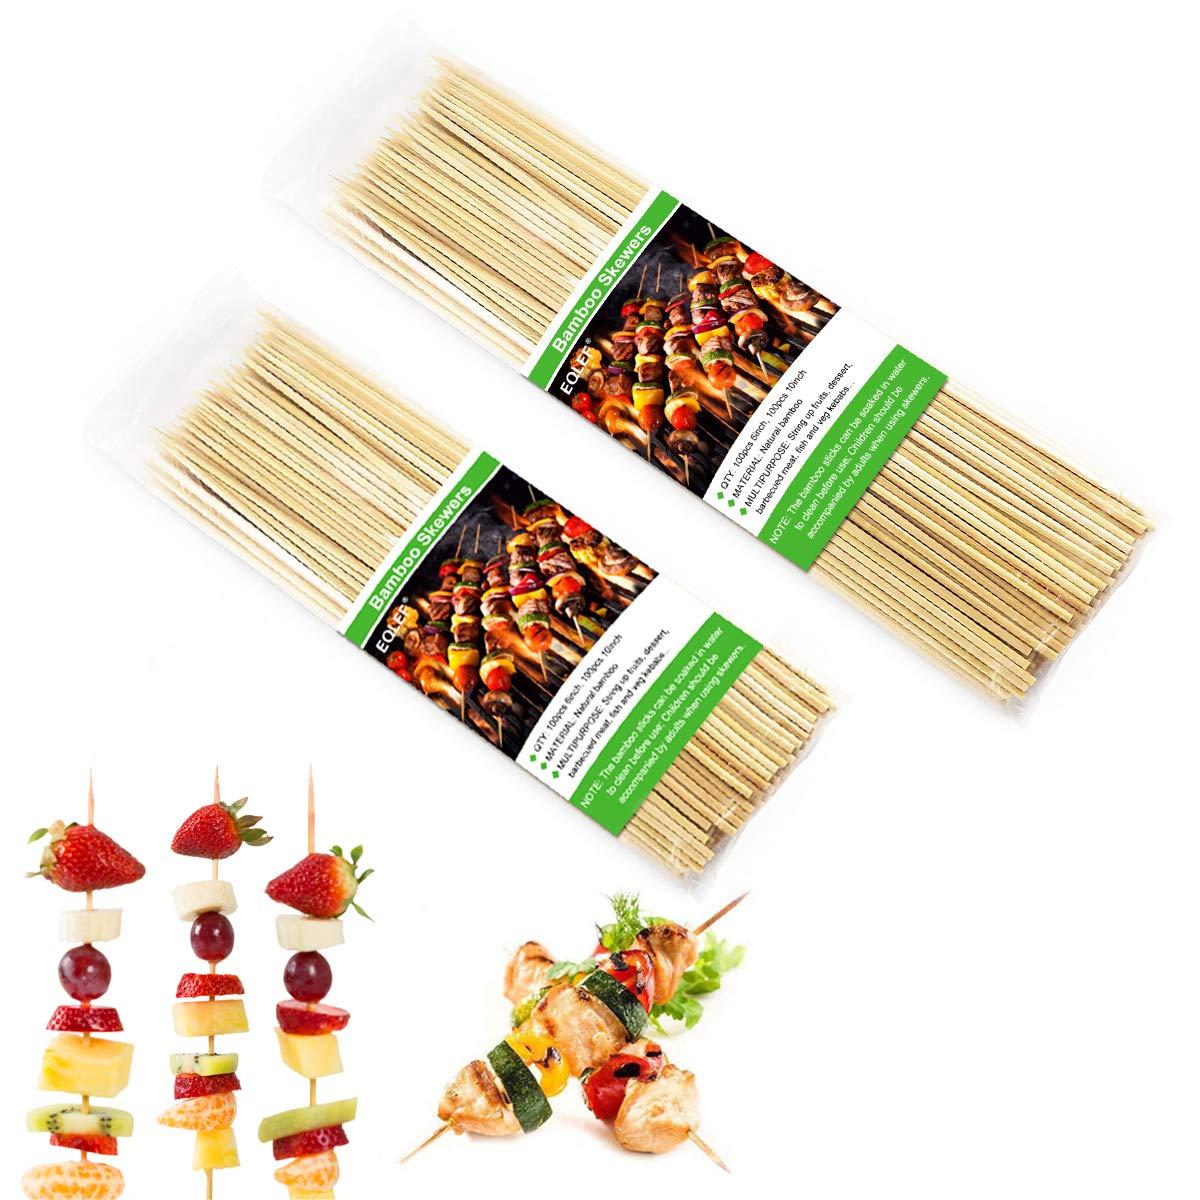 EQLEF Bambusspie/ße Canape Cocktail B/üffet Dessert Bankett Alltagsleben zum Grillen 100er Pack 15cm Bambus-Spie/ße und 100er Pack 25cm BBQ Fruit Kebab Sticks f/ür Party Marshmallow